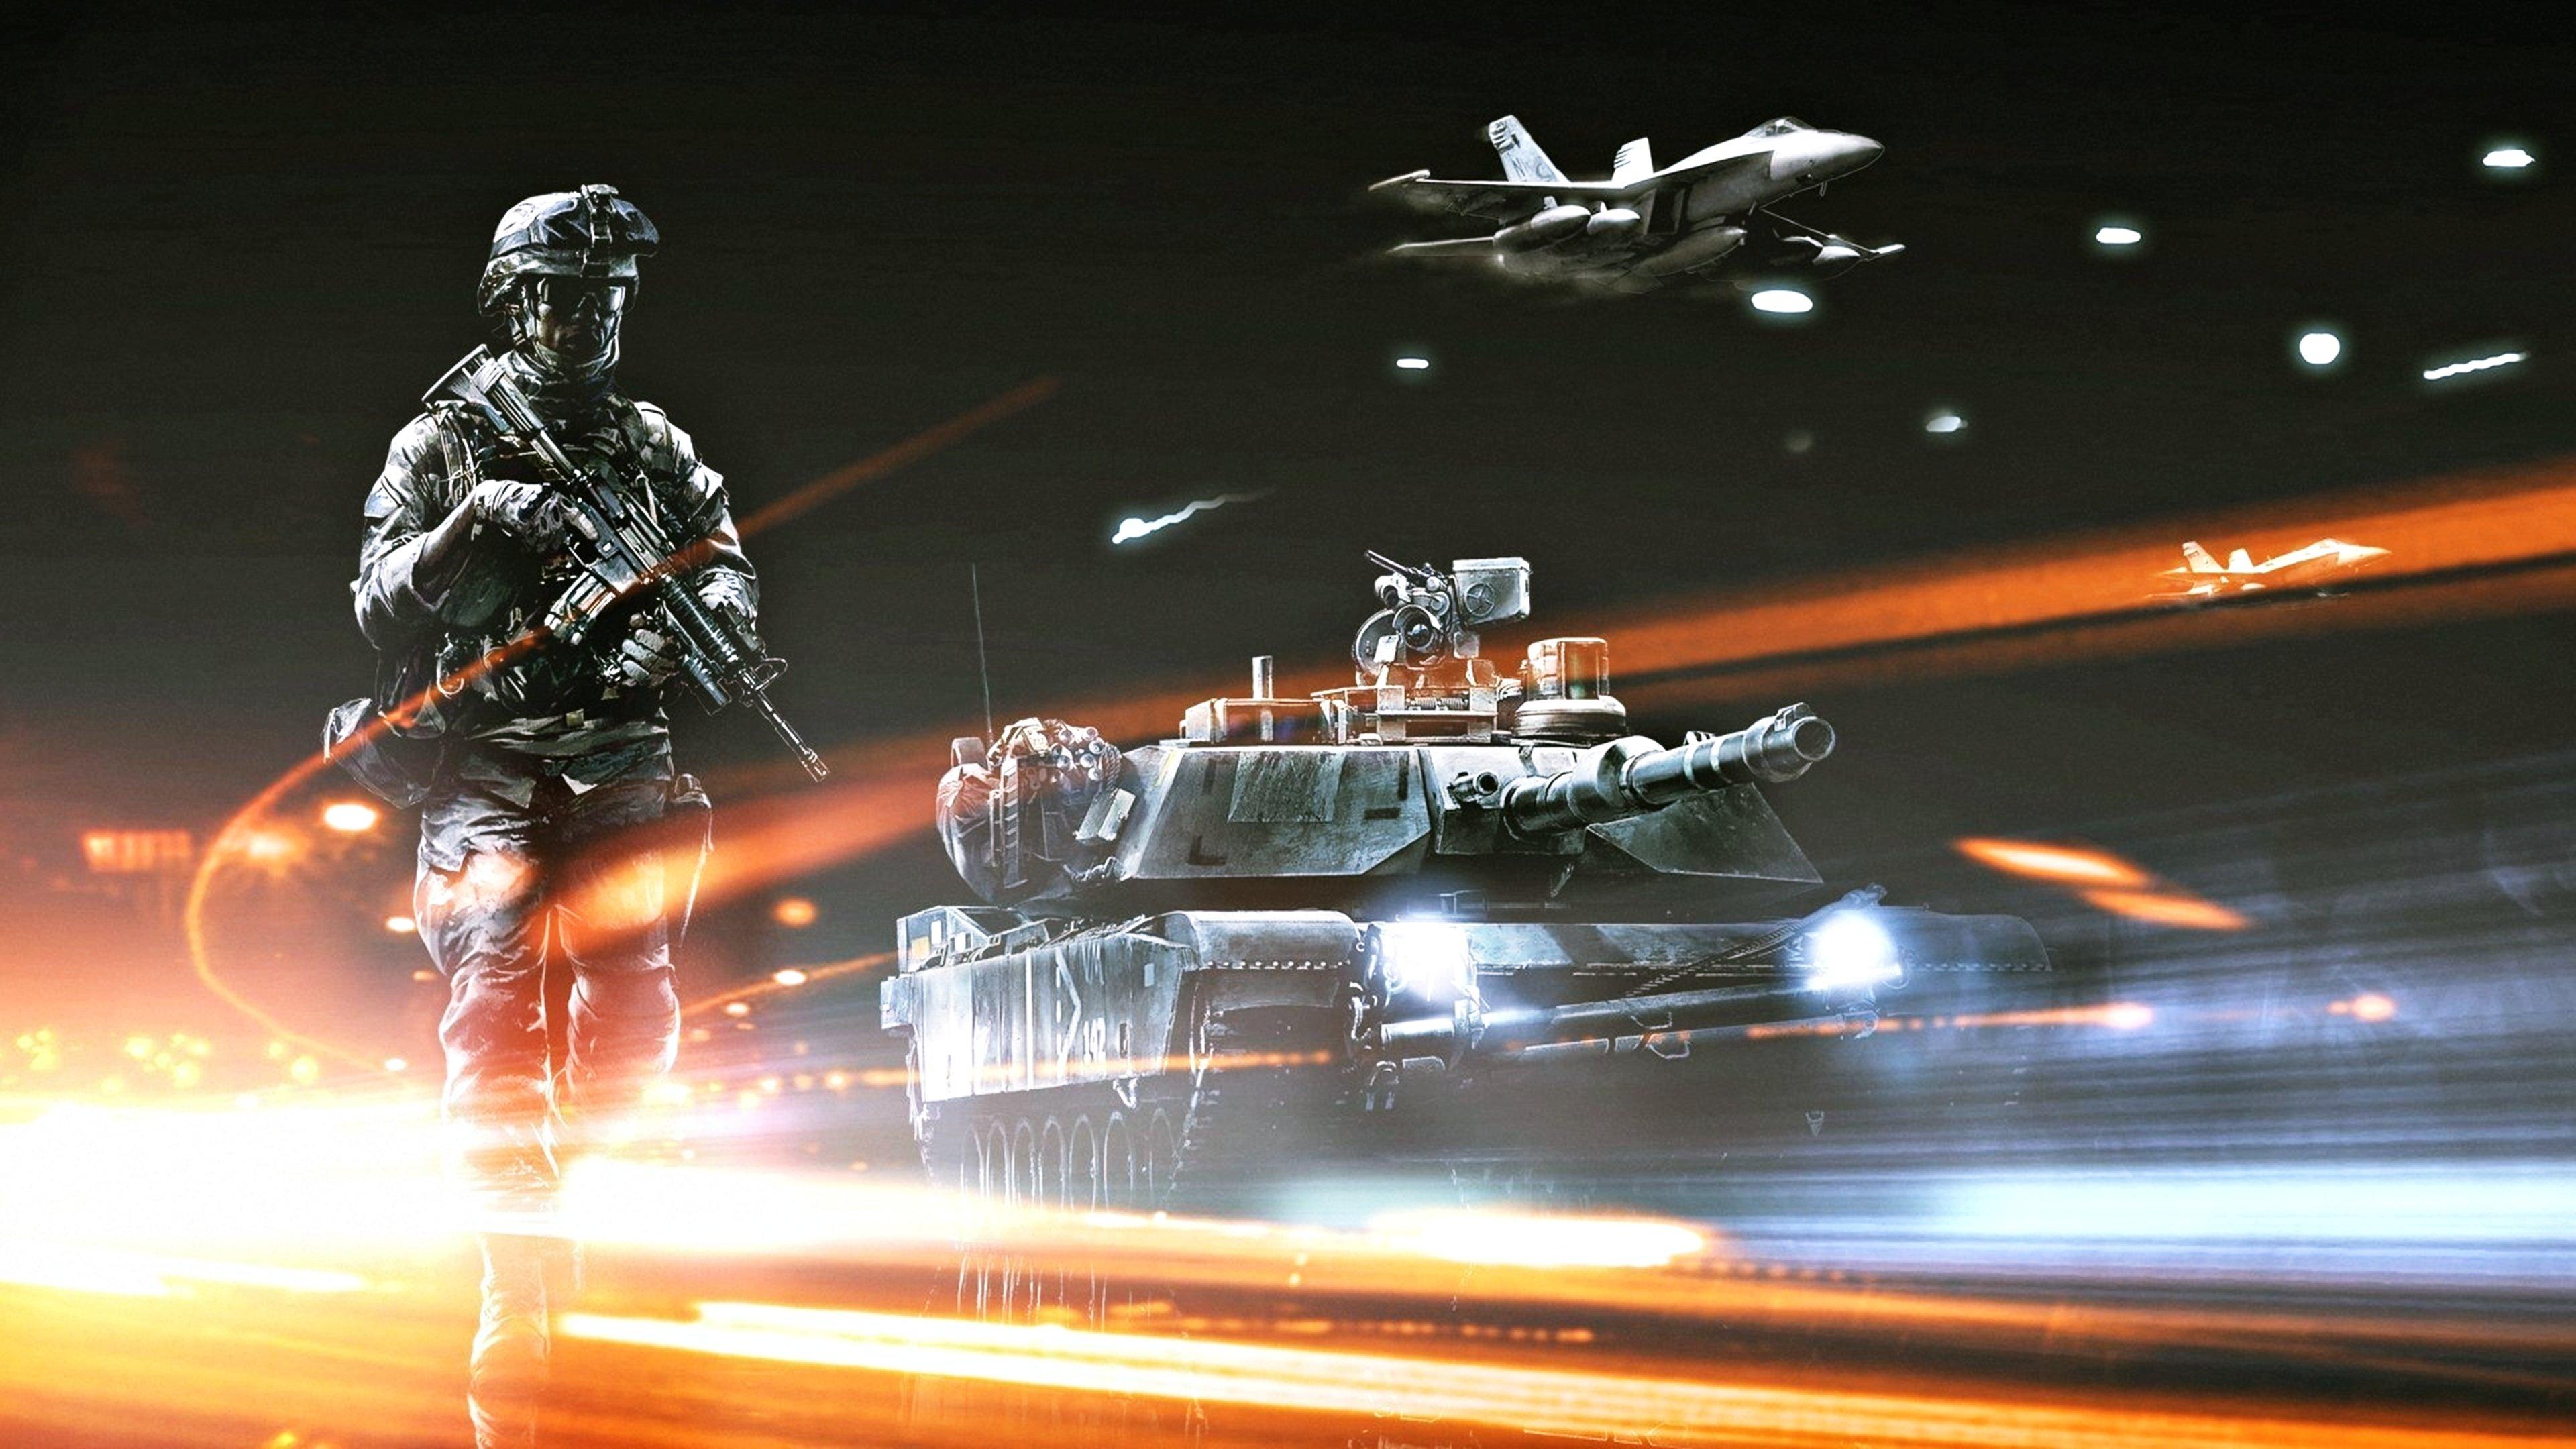 Battlefield 3 Wallpapers 3840x2160 Ultra Hd 4k Desktop Backgrounds